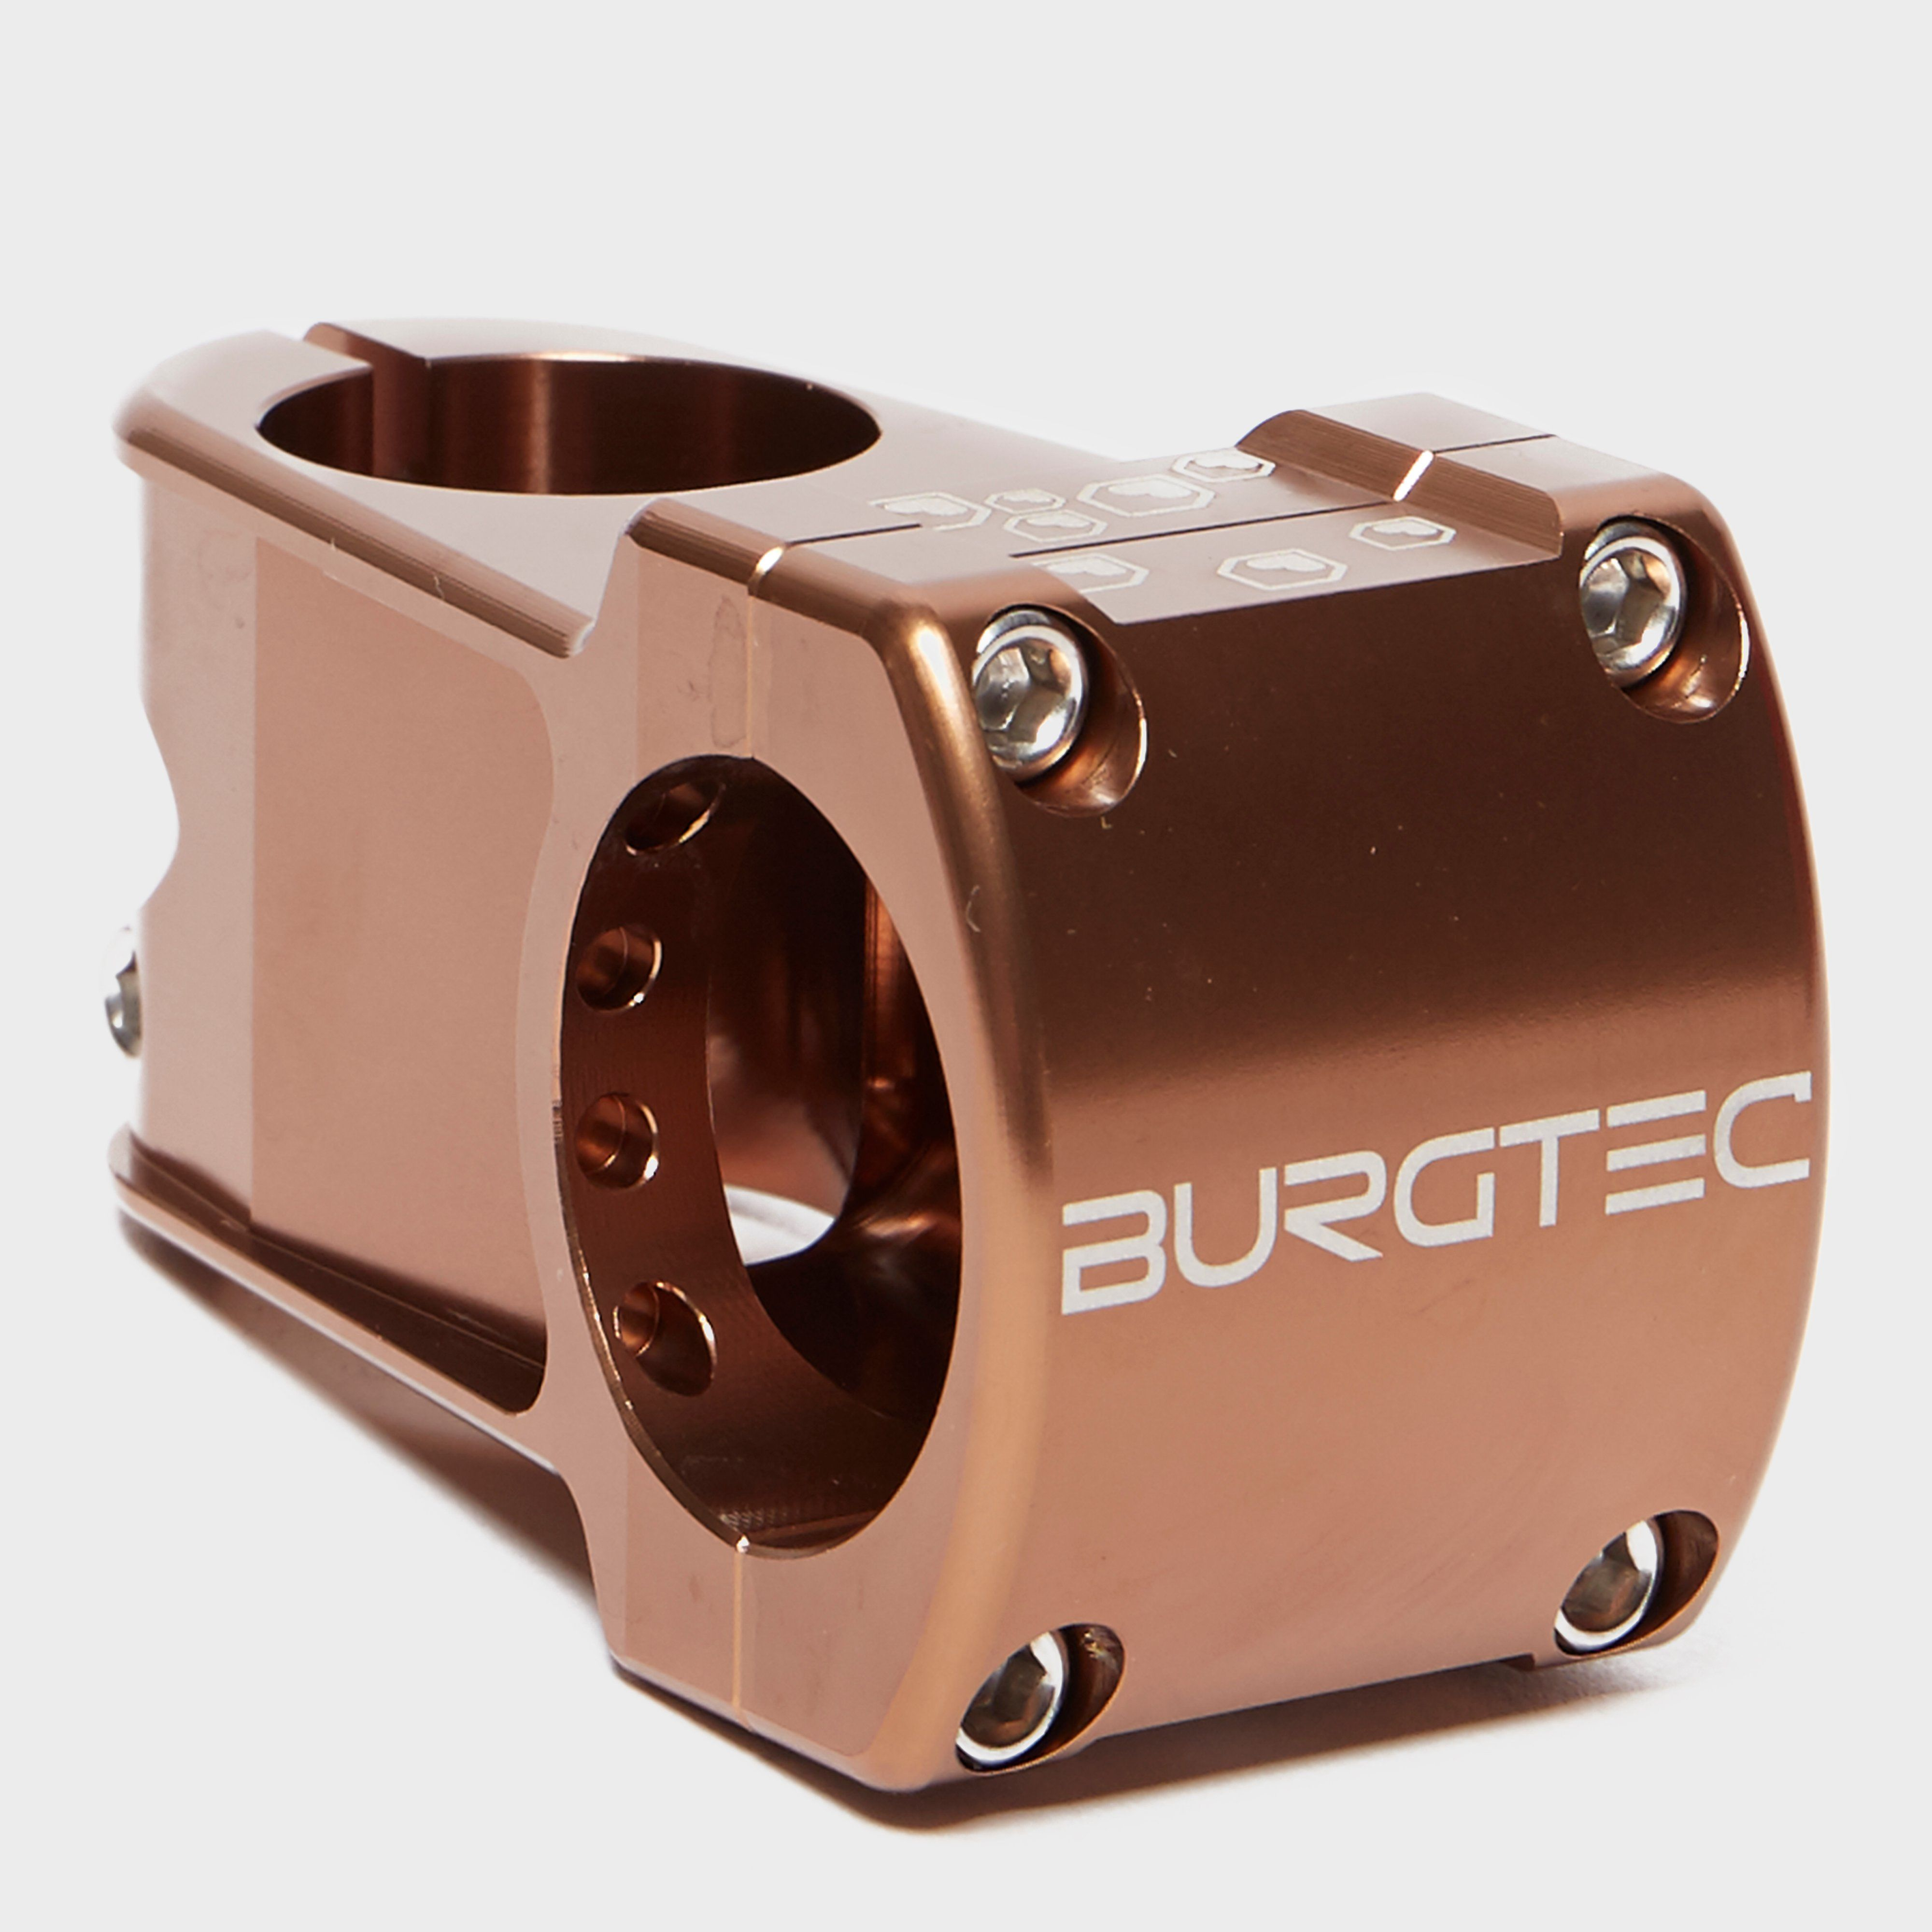 BURGTEC MK2 Enduro Stem 50/35C